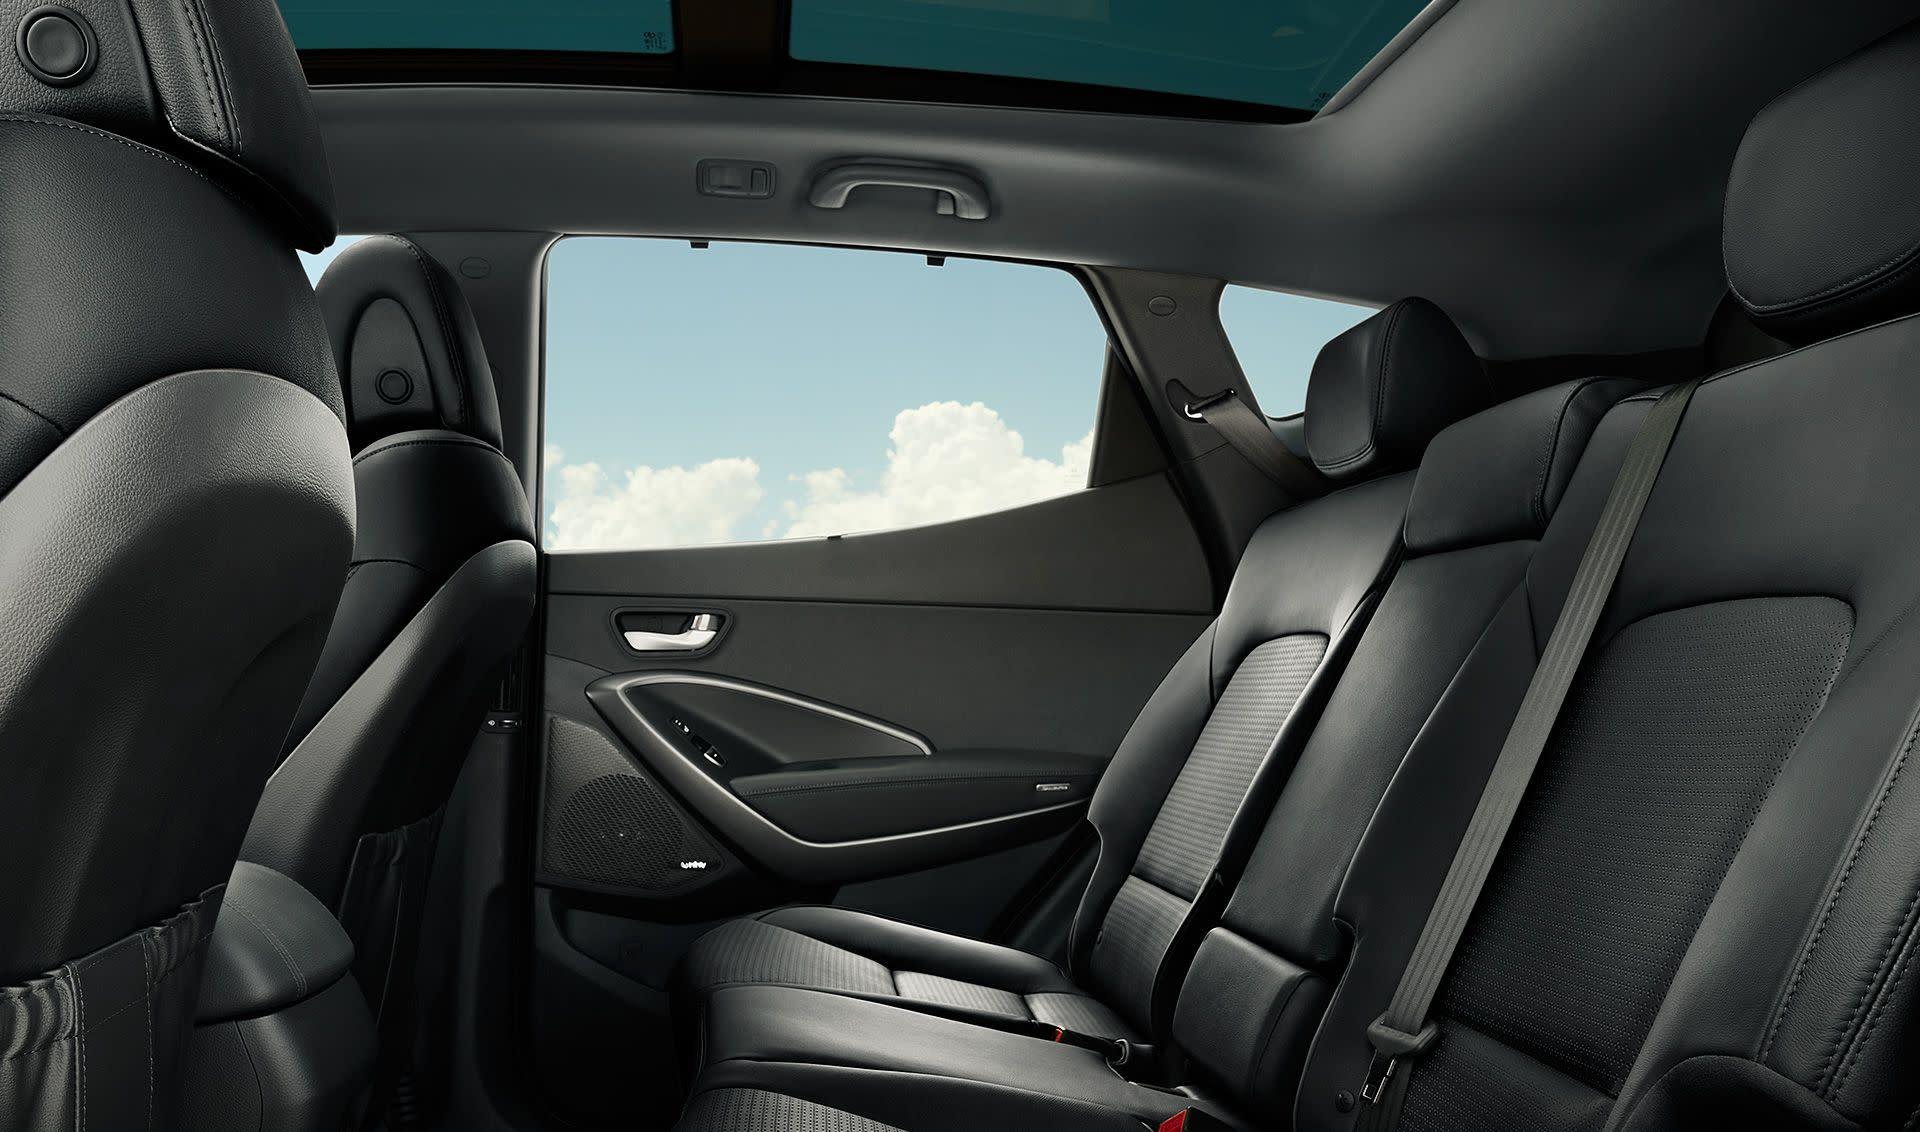 Hyundai santa fe sport 2018 a la venta en fredericksburg va pohanka hyundai of fredericksburg for Hyundai santa fe sport interior dimensions